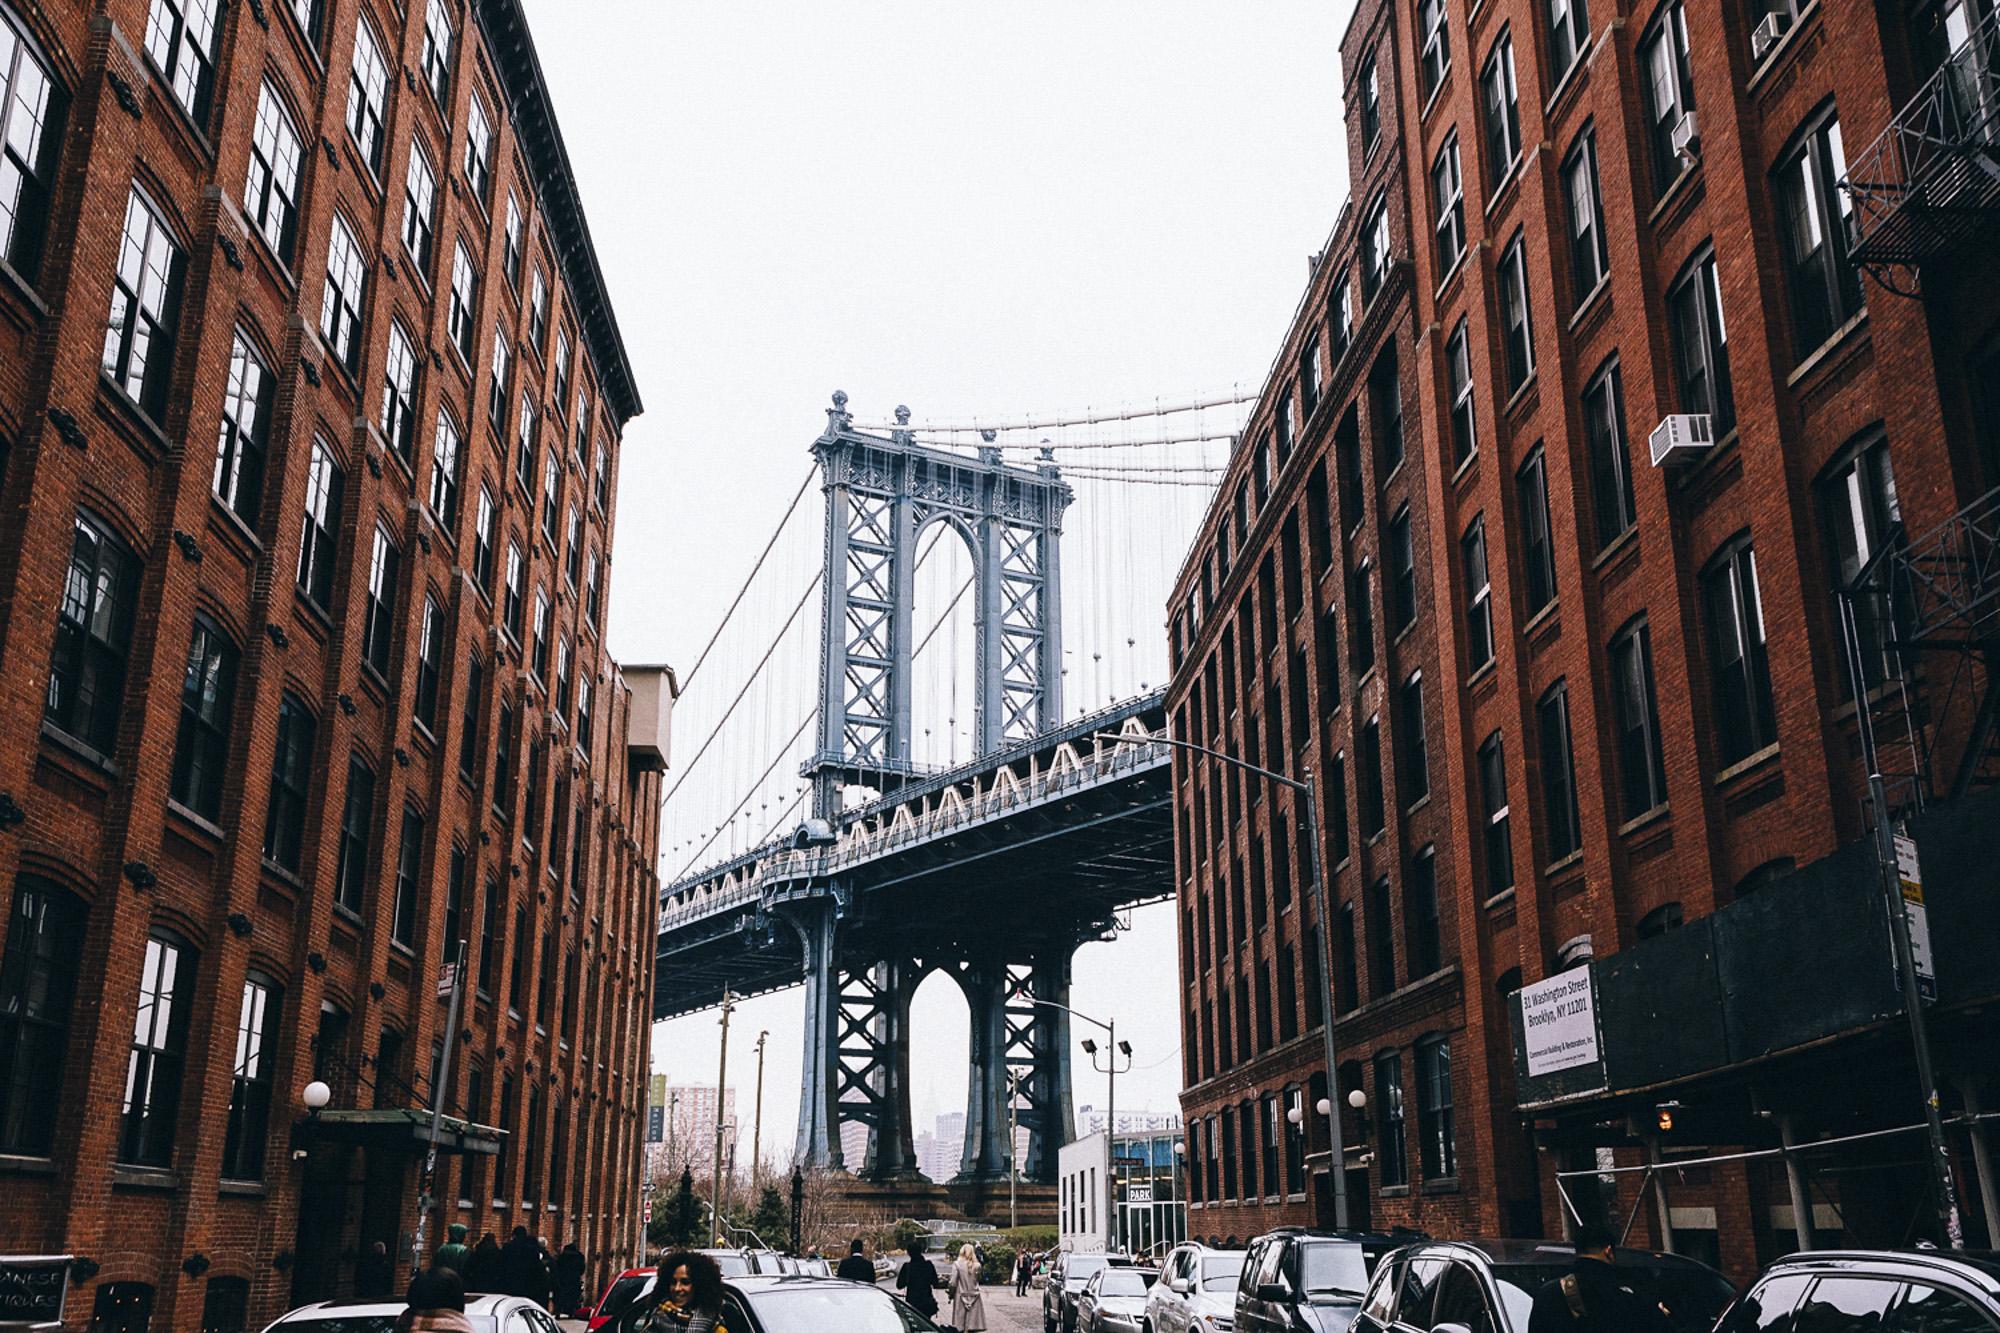 kyrani-kanavaros-new-york-photography-6.jpg